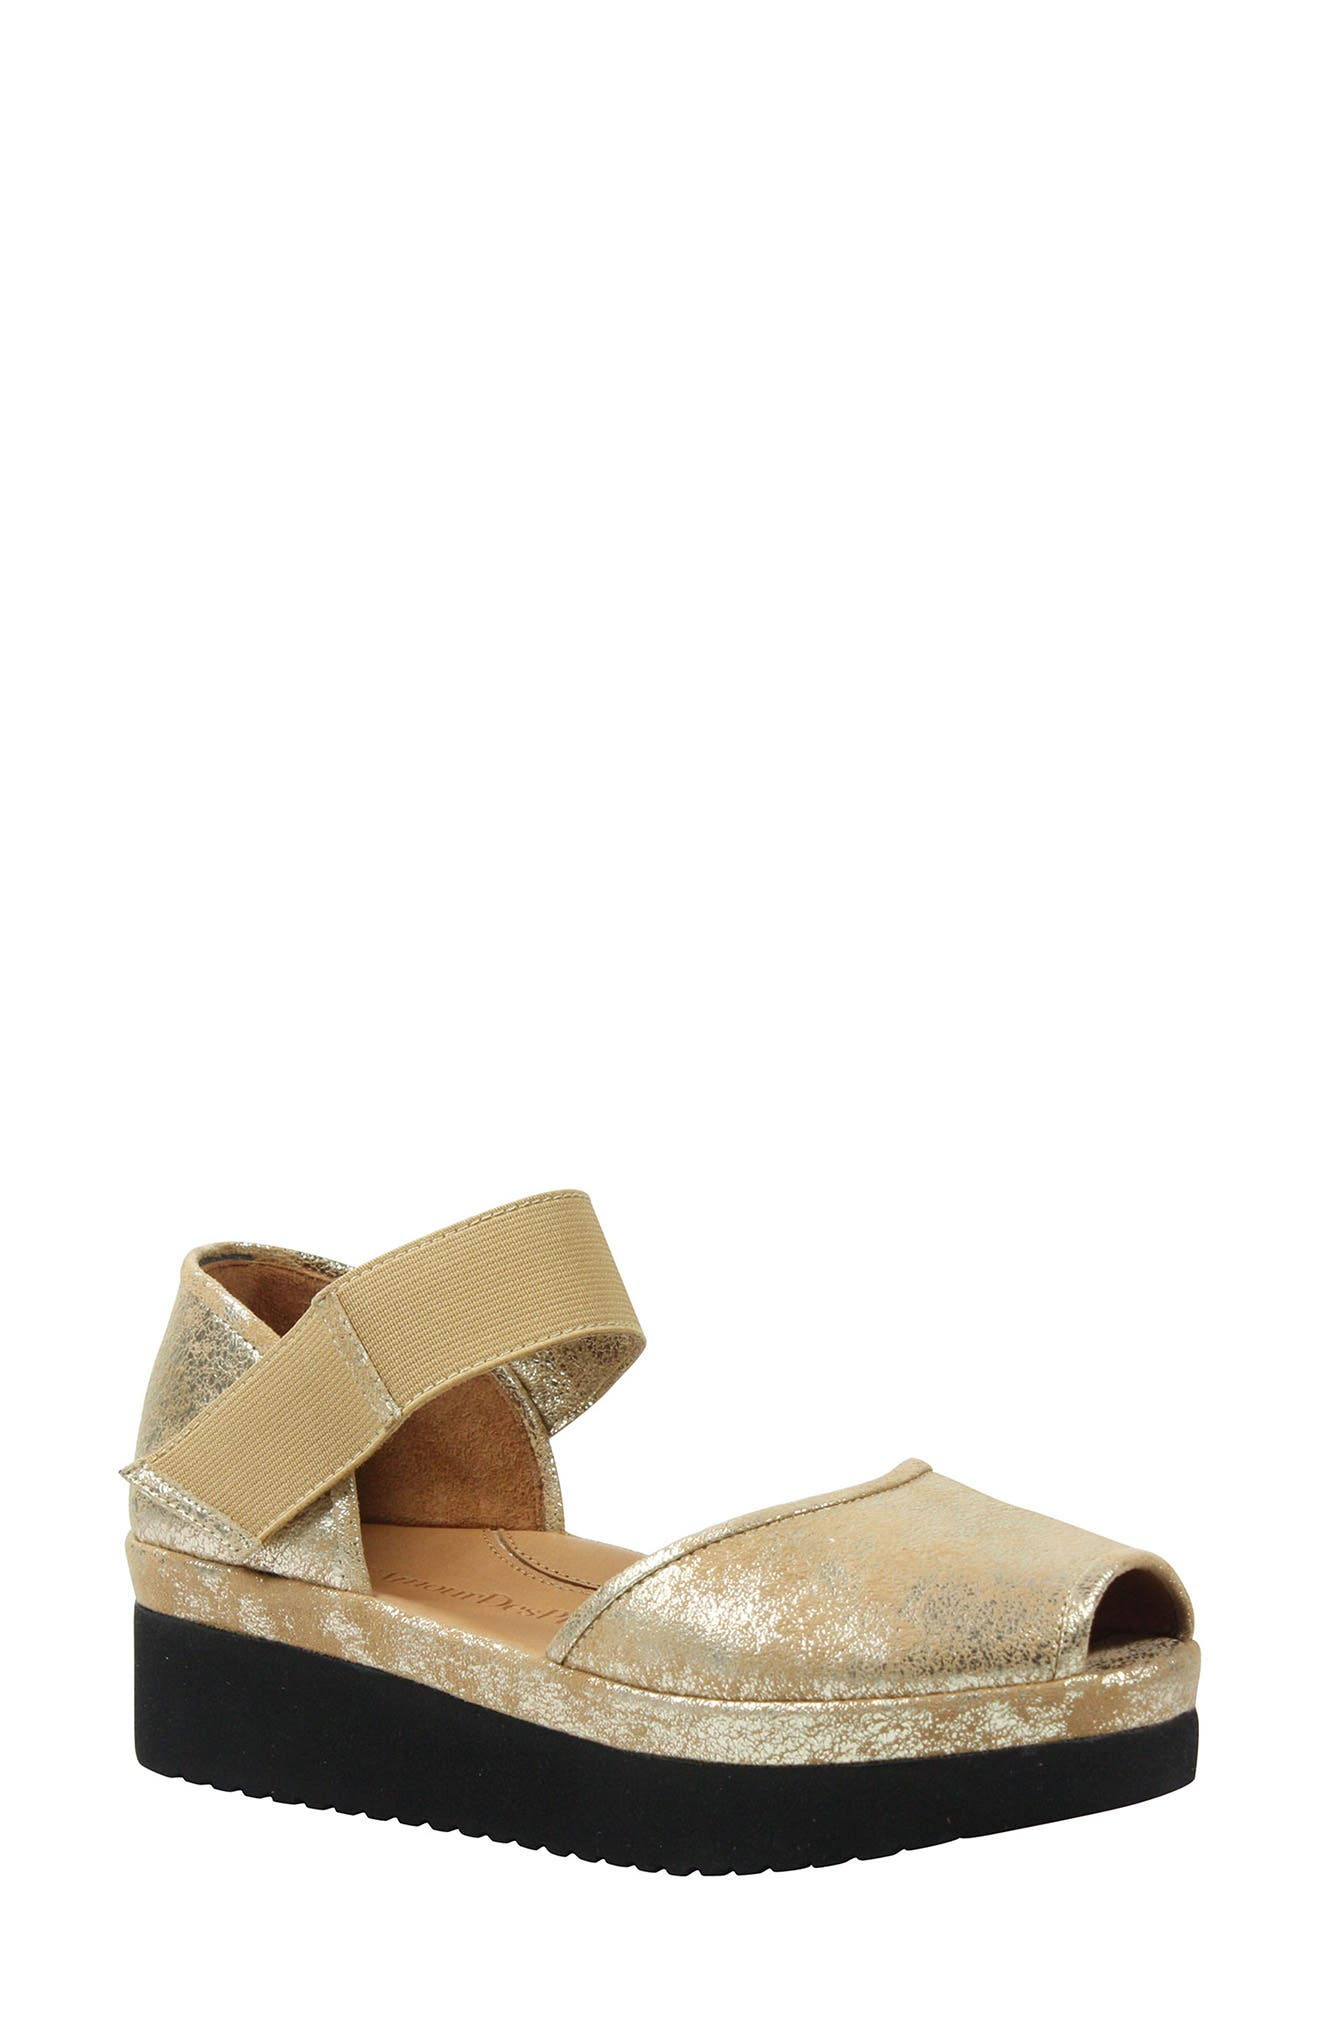 L'AMOUR DES PIEDS 'Amadour' Platform Sandal, Main, color, GOLD LEATHER